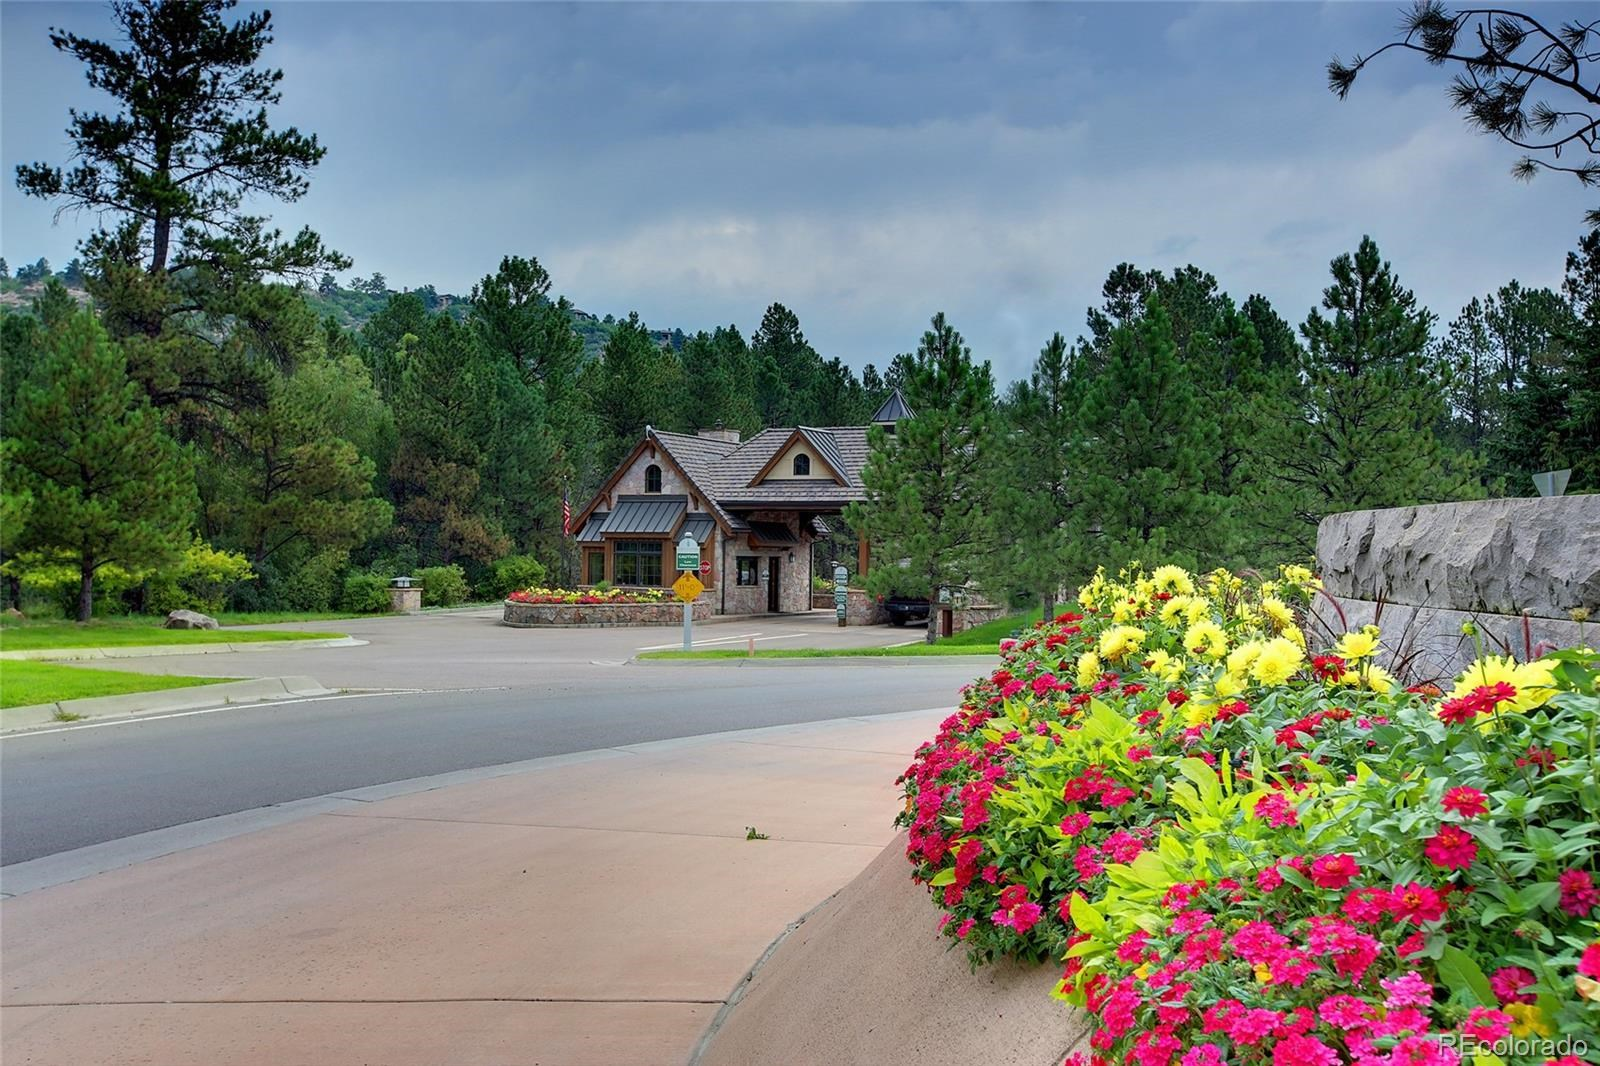 MLS# 3450406 - 2 - 6713 Handies Peak Court, Castle Rock, CO 80108